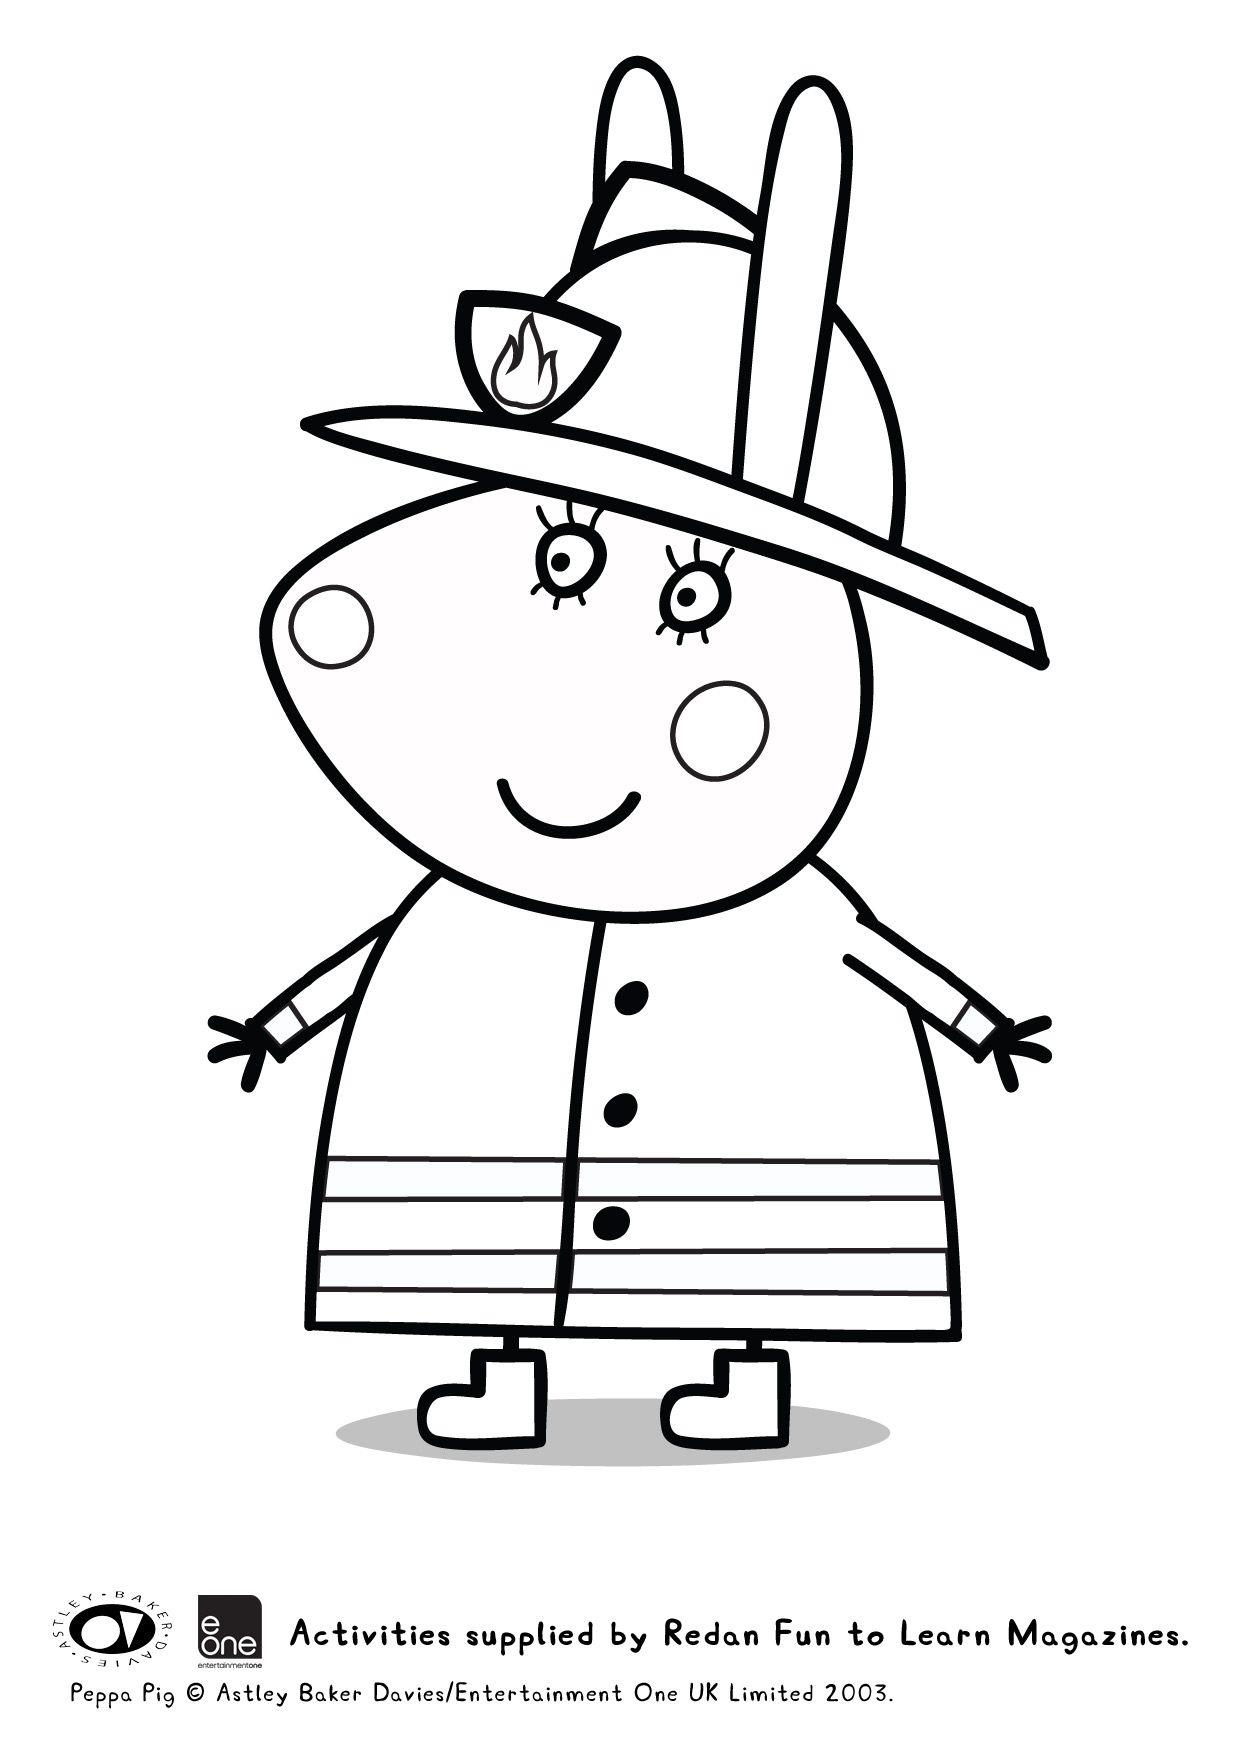 Peppa Pig Coloriage à Imprimer Inspirant Stock Coloriage Noel Peppa Pig Meilleures Idées Coloriage Pour Les Enfants